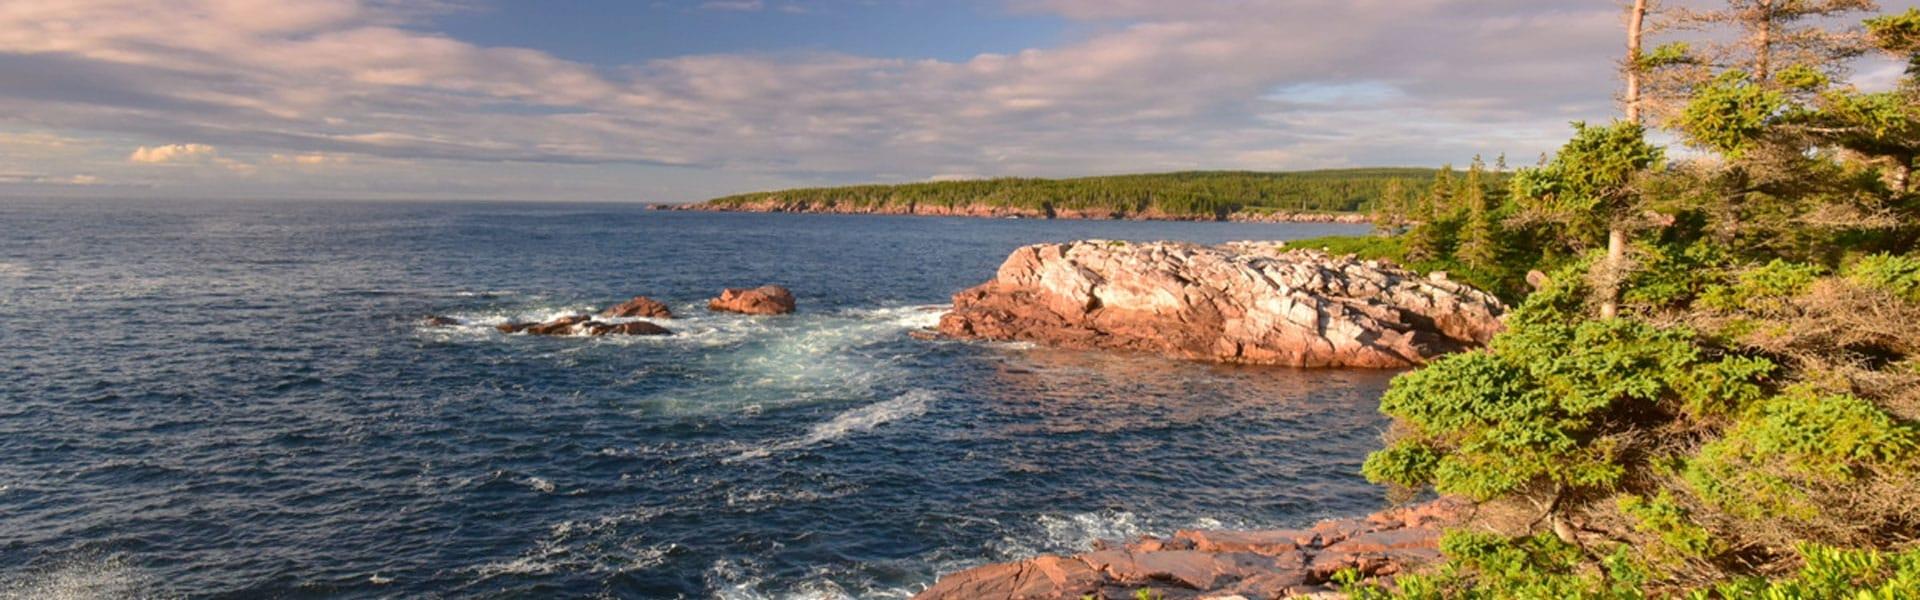 A rocky ocean landscape